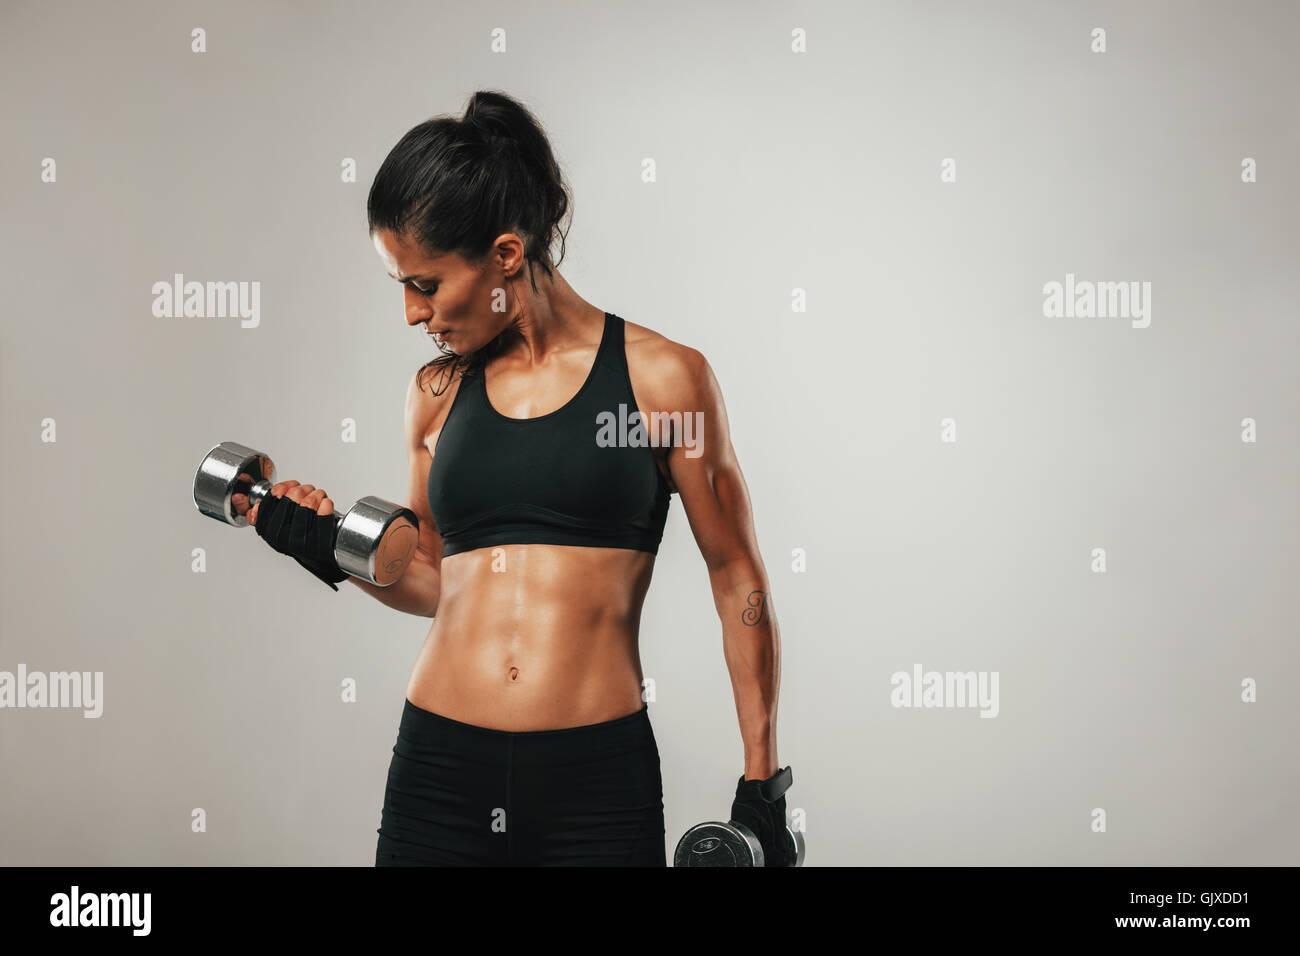 Mujer fuerte atada con pelo negro y shorts curling pesa sobre fondo gris con espacio de copia Imagen De Stock